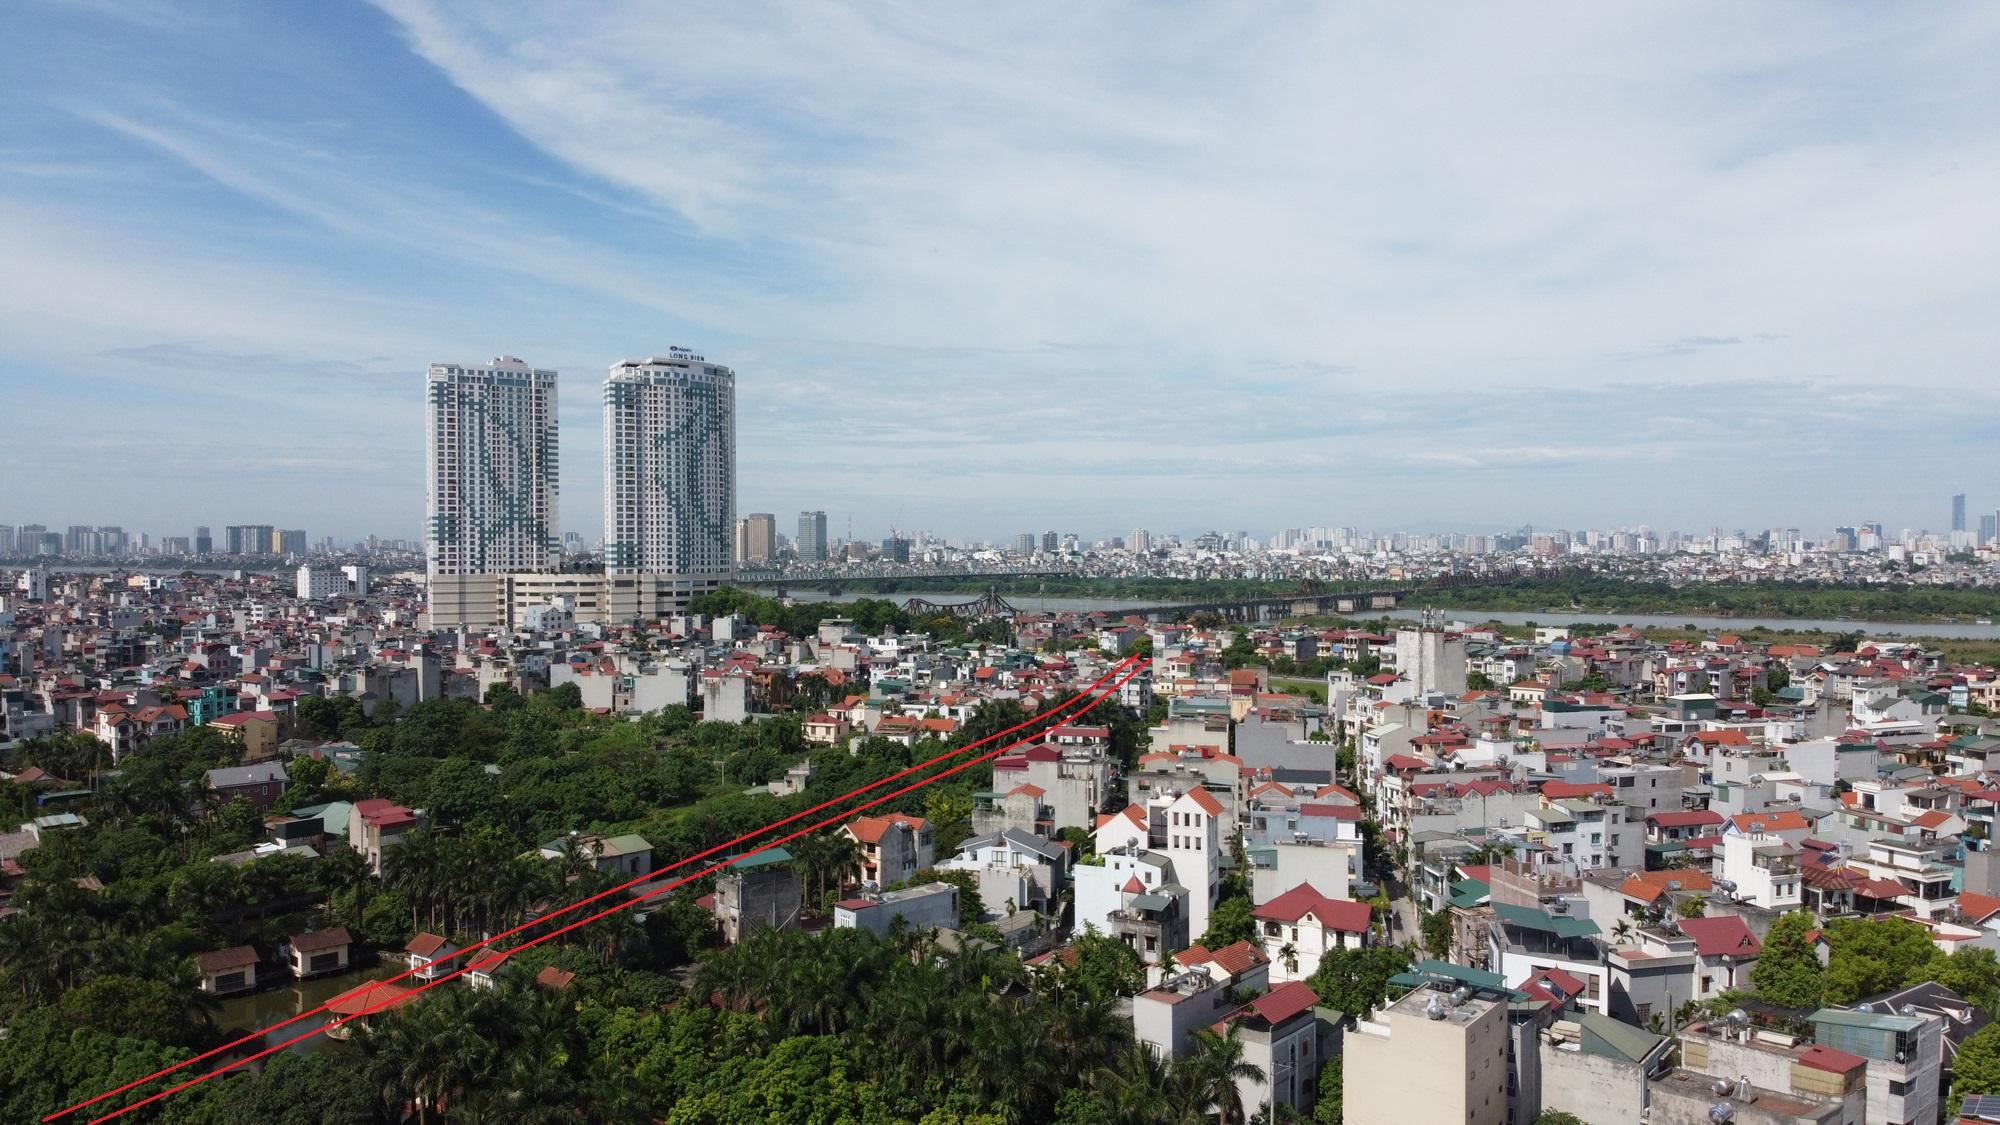 4 đường sẽ mở theo qui hoạch ở phường Ngọc Thụy, Long Biên, Hà Nội - Ảnh 13.